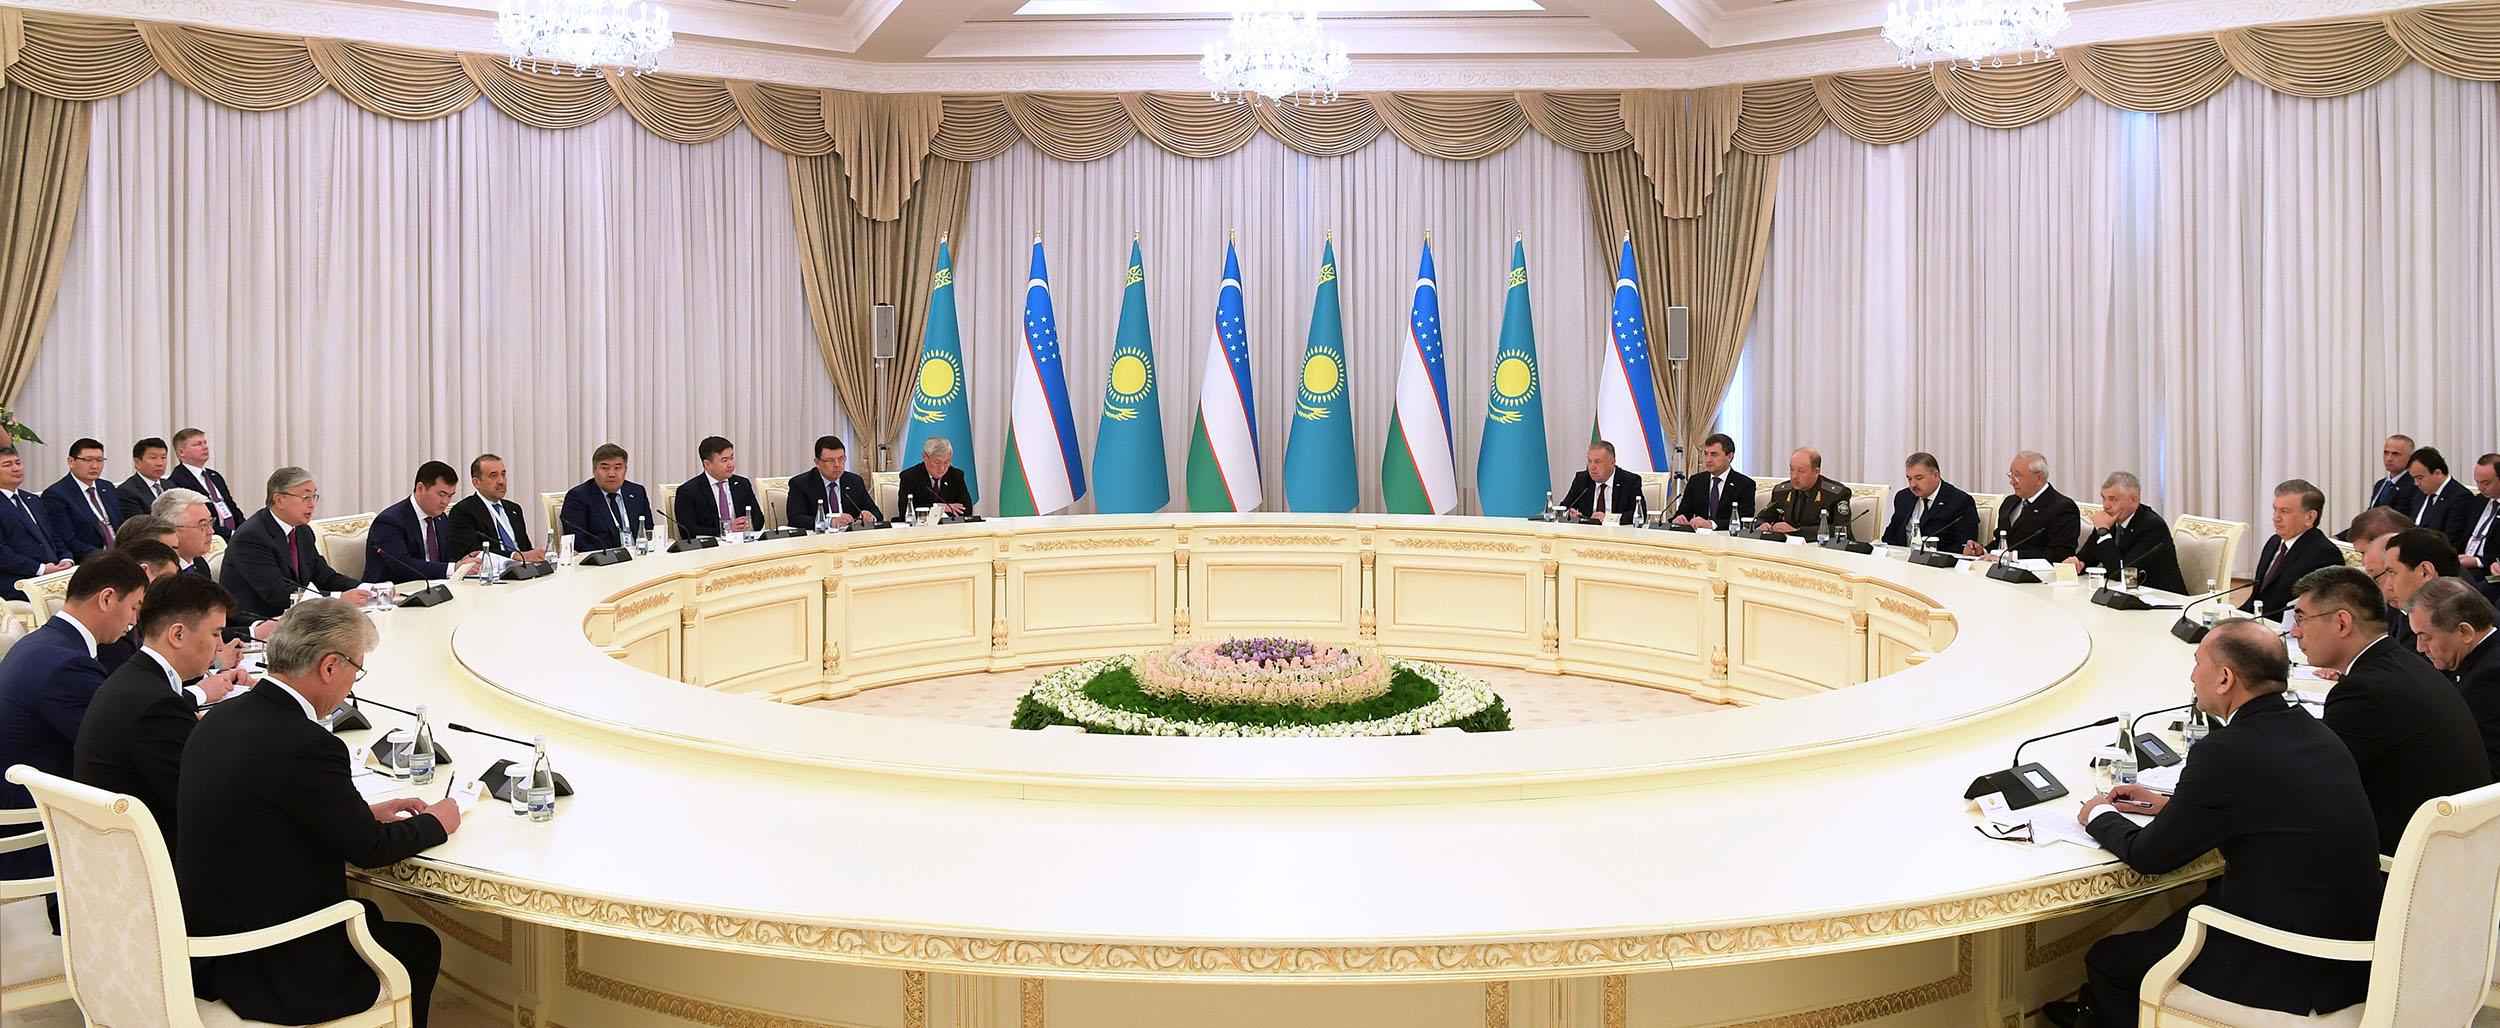 Началась торжественная церемония открытия Года Казахстана в Узбекистане